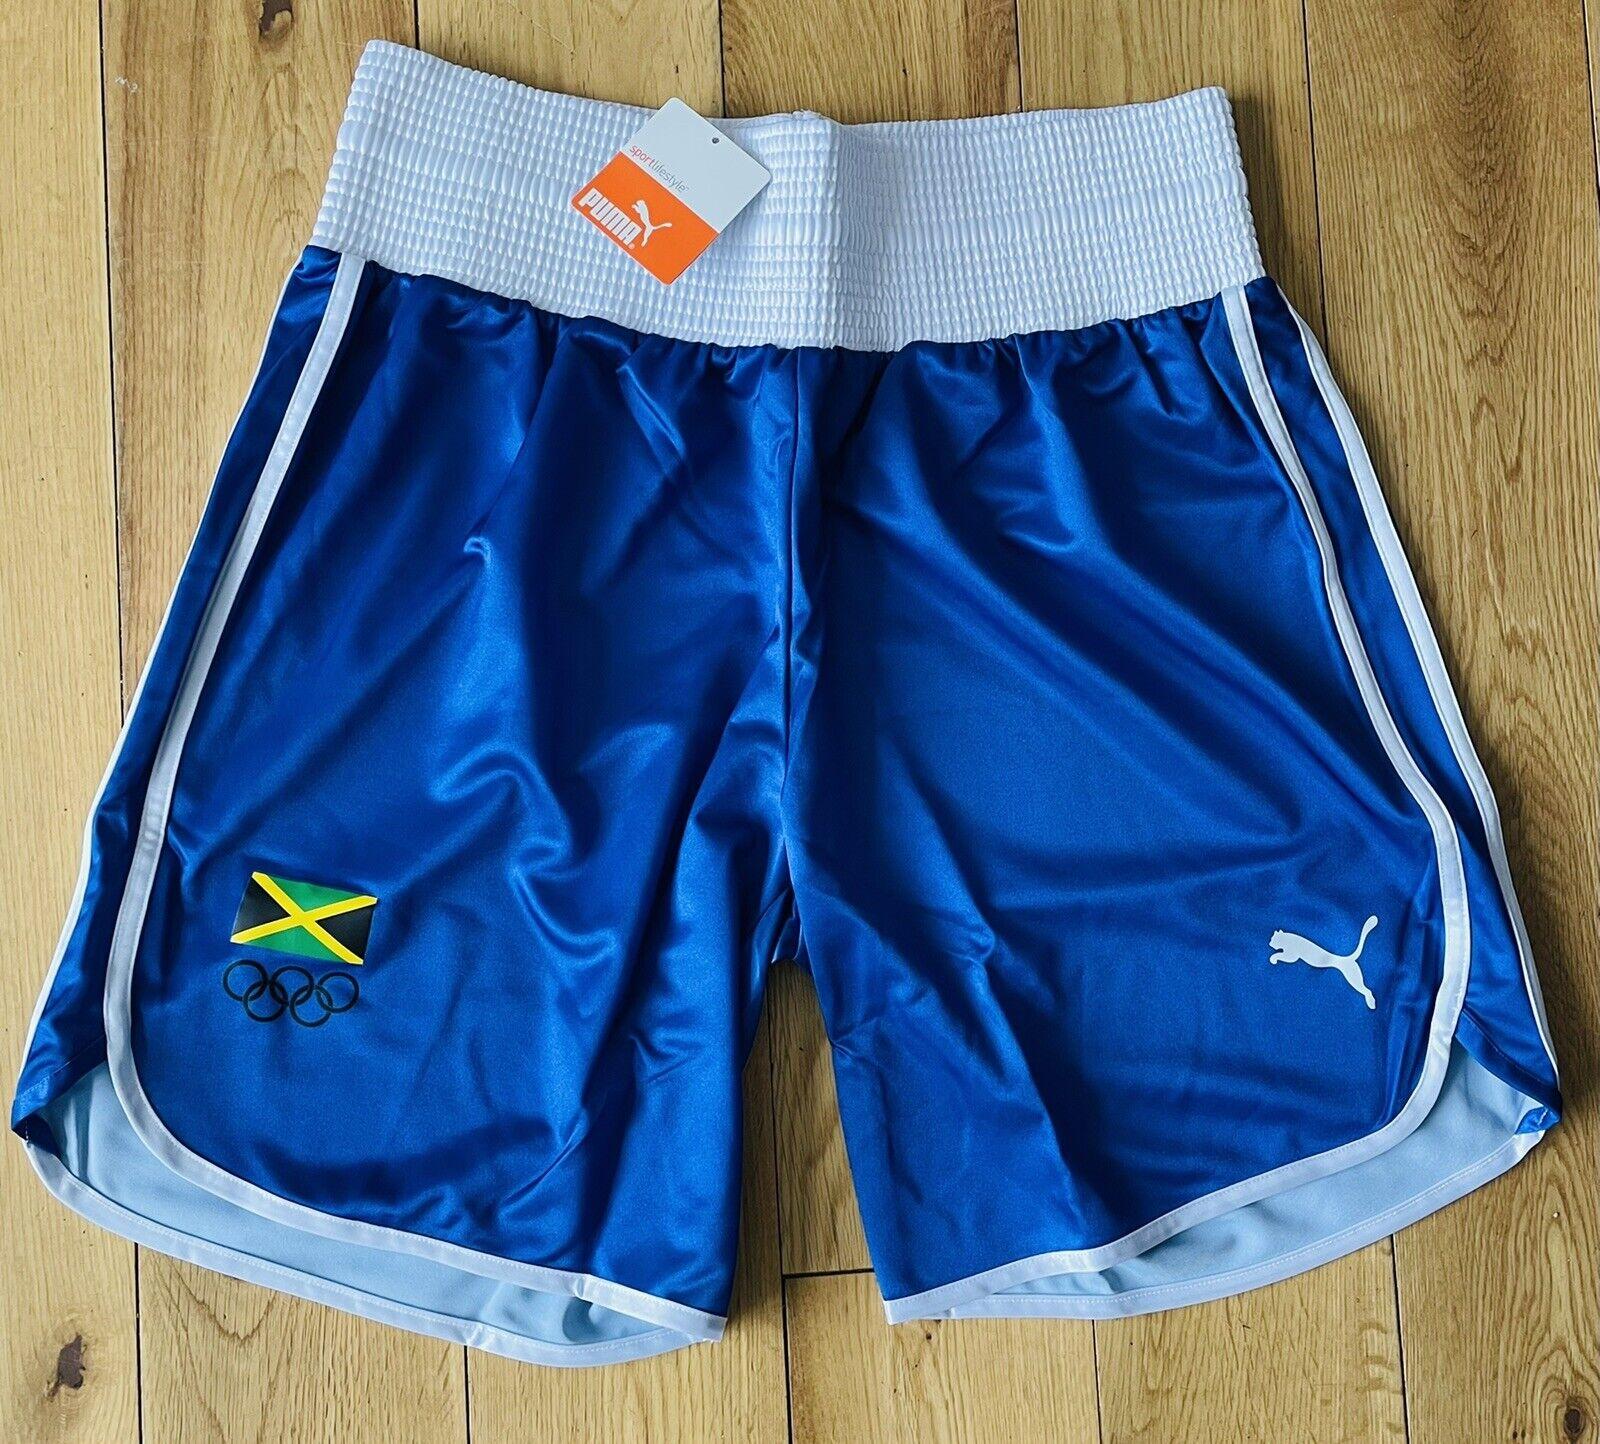 PUMA Damen Jamaica Olympische Training Boxen Shorts Neu Größe M,L,XL